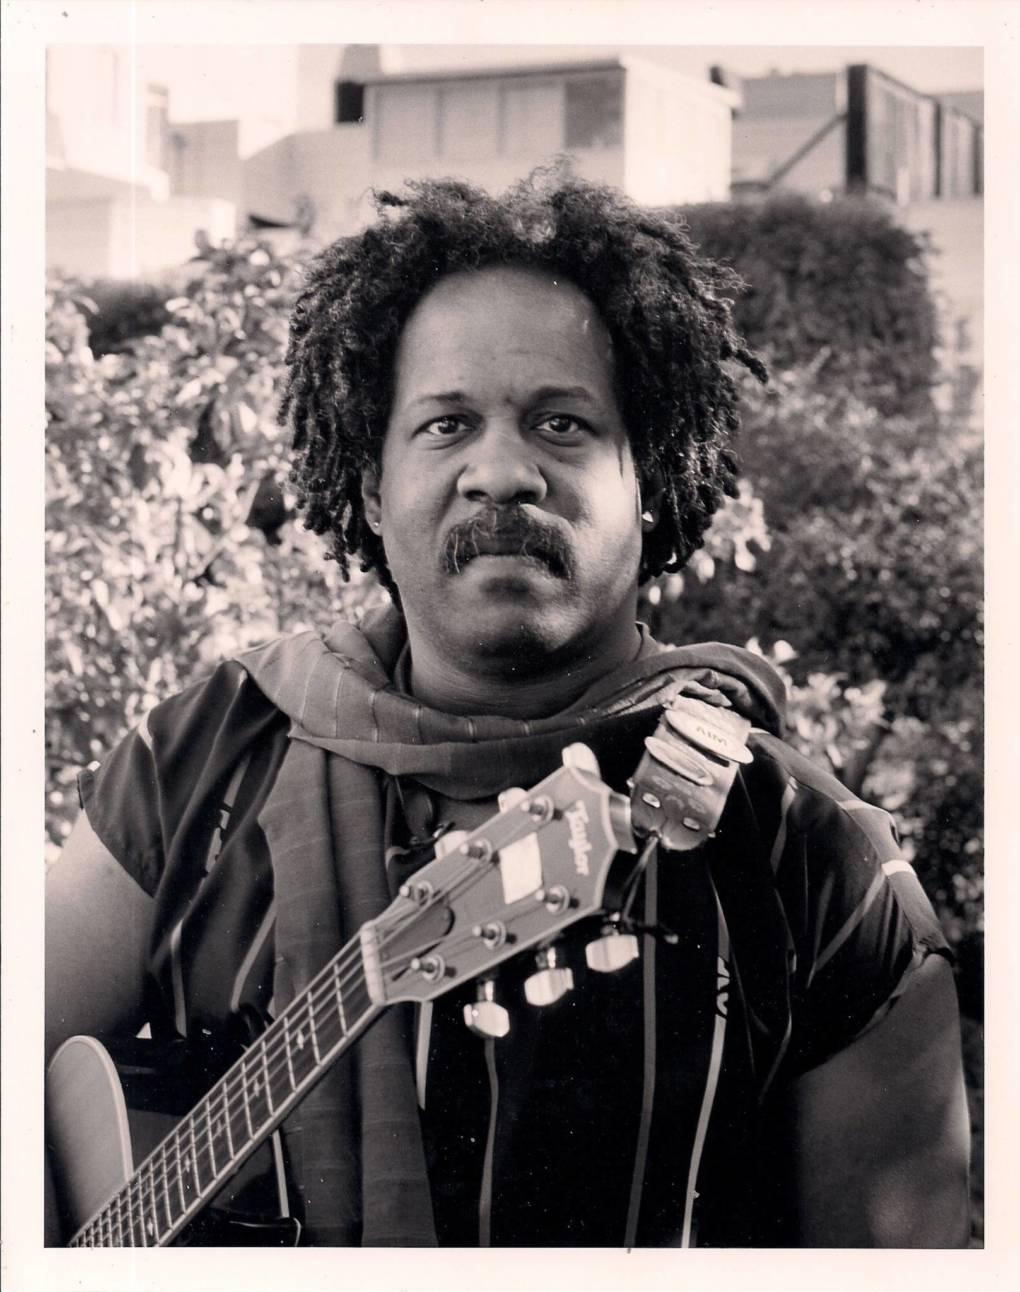 Blackberri and his guitar.